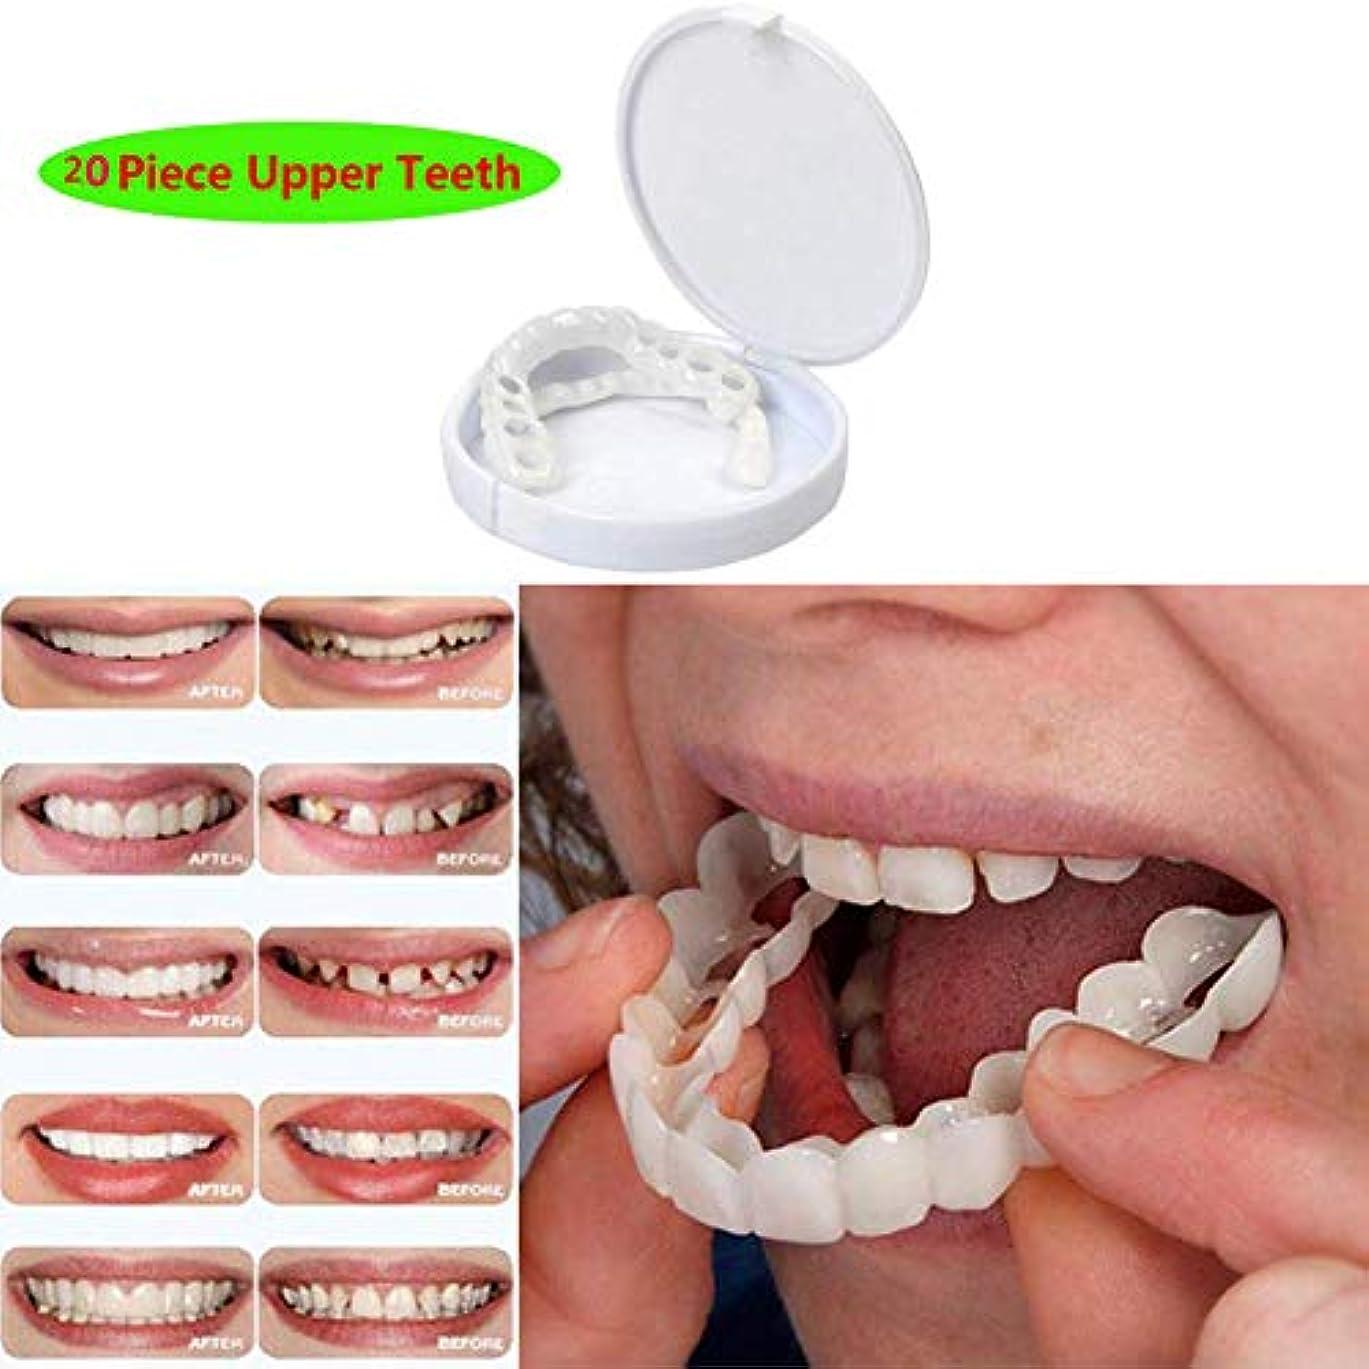 コンテンポラリーボイド大邸宅20Pcs一時的な化粧品の歯の義歯の化粧品は白くなることを模倣した上括弧を模倣しました